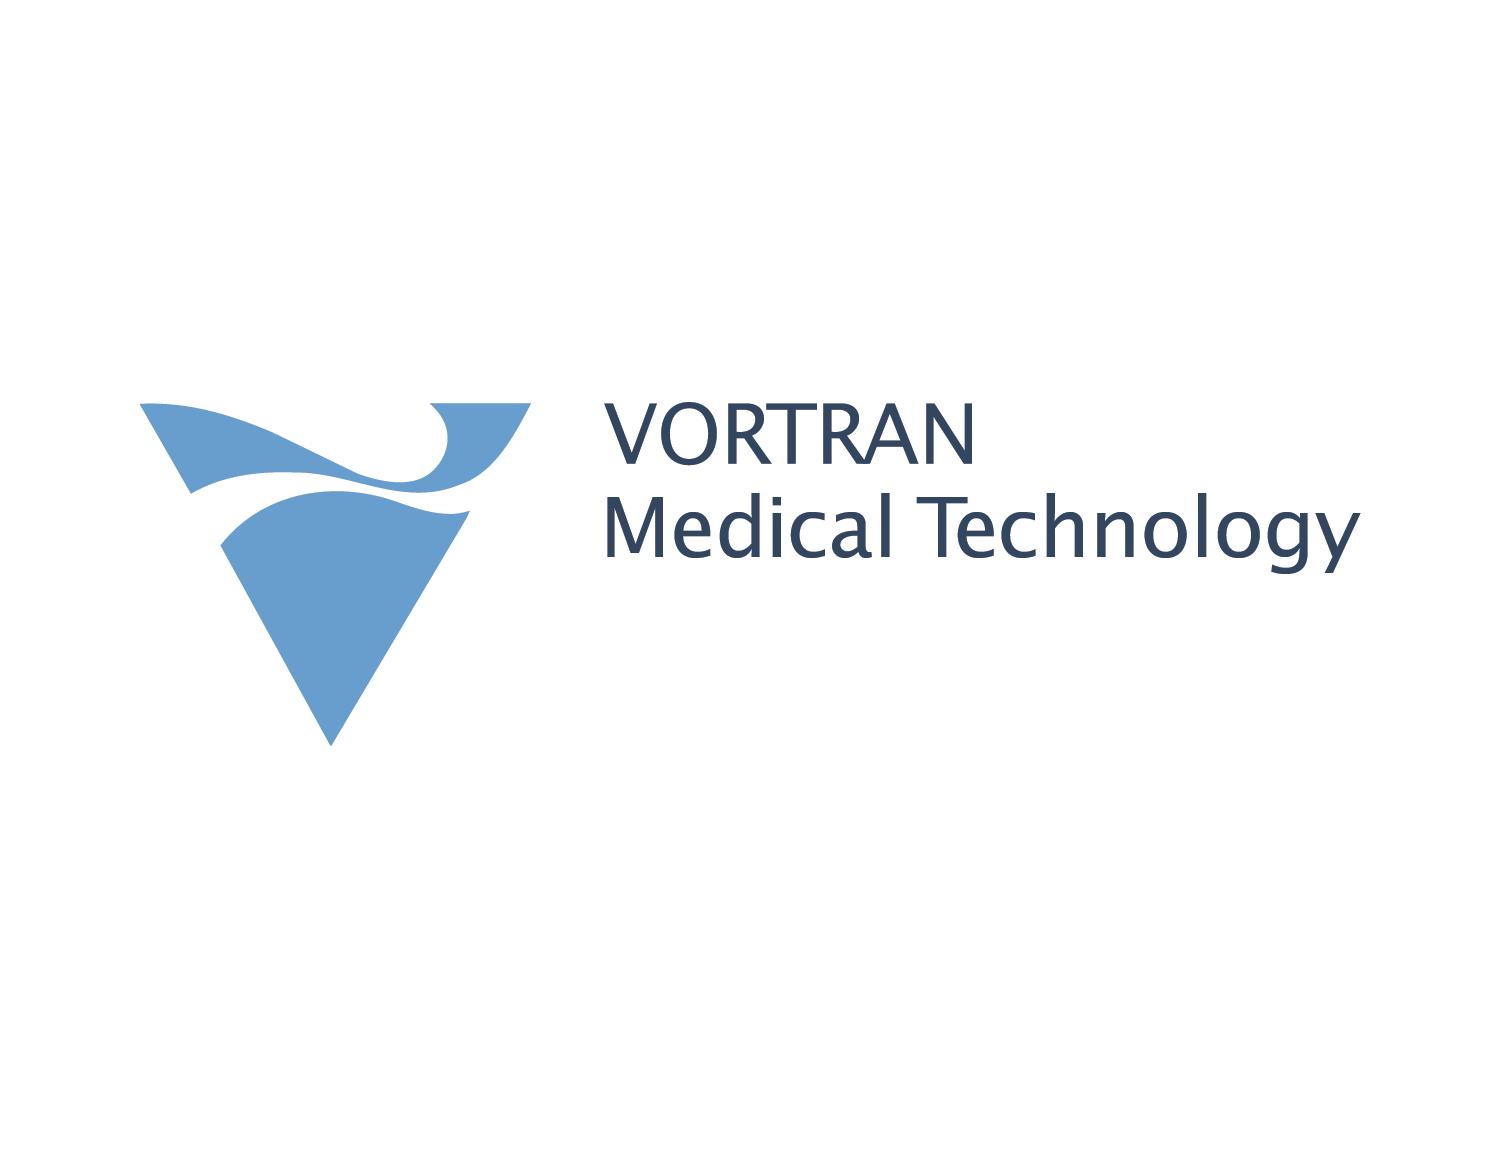 vortran logo